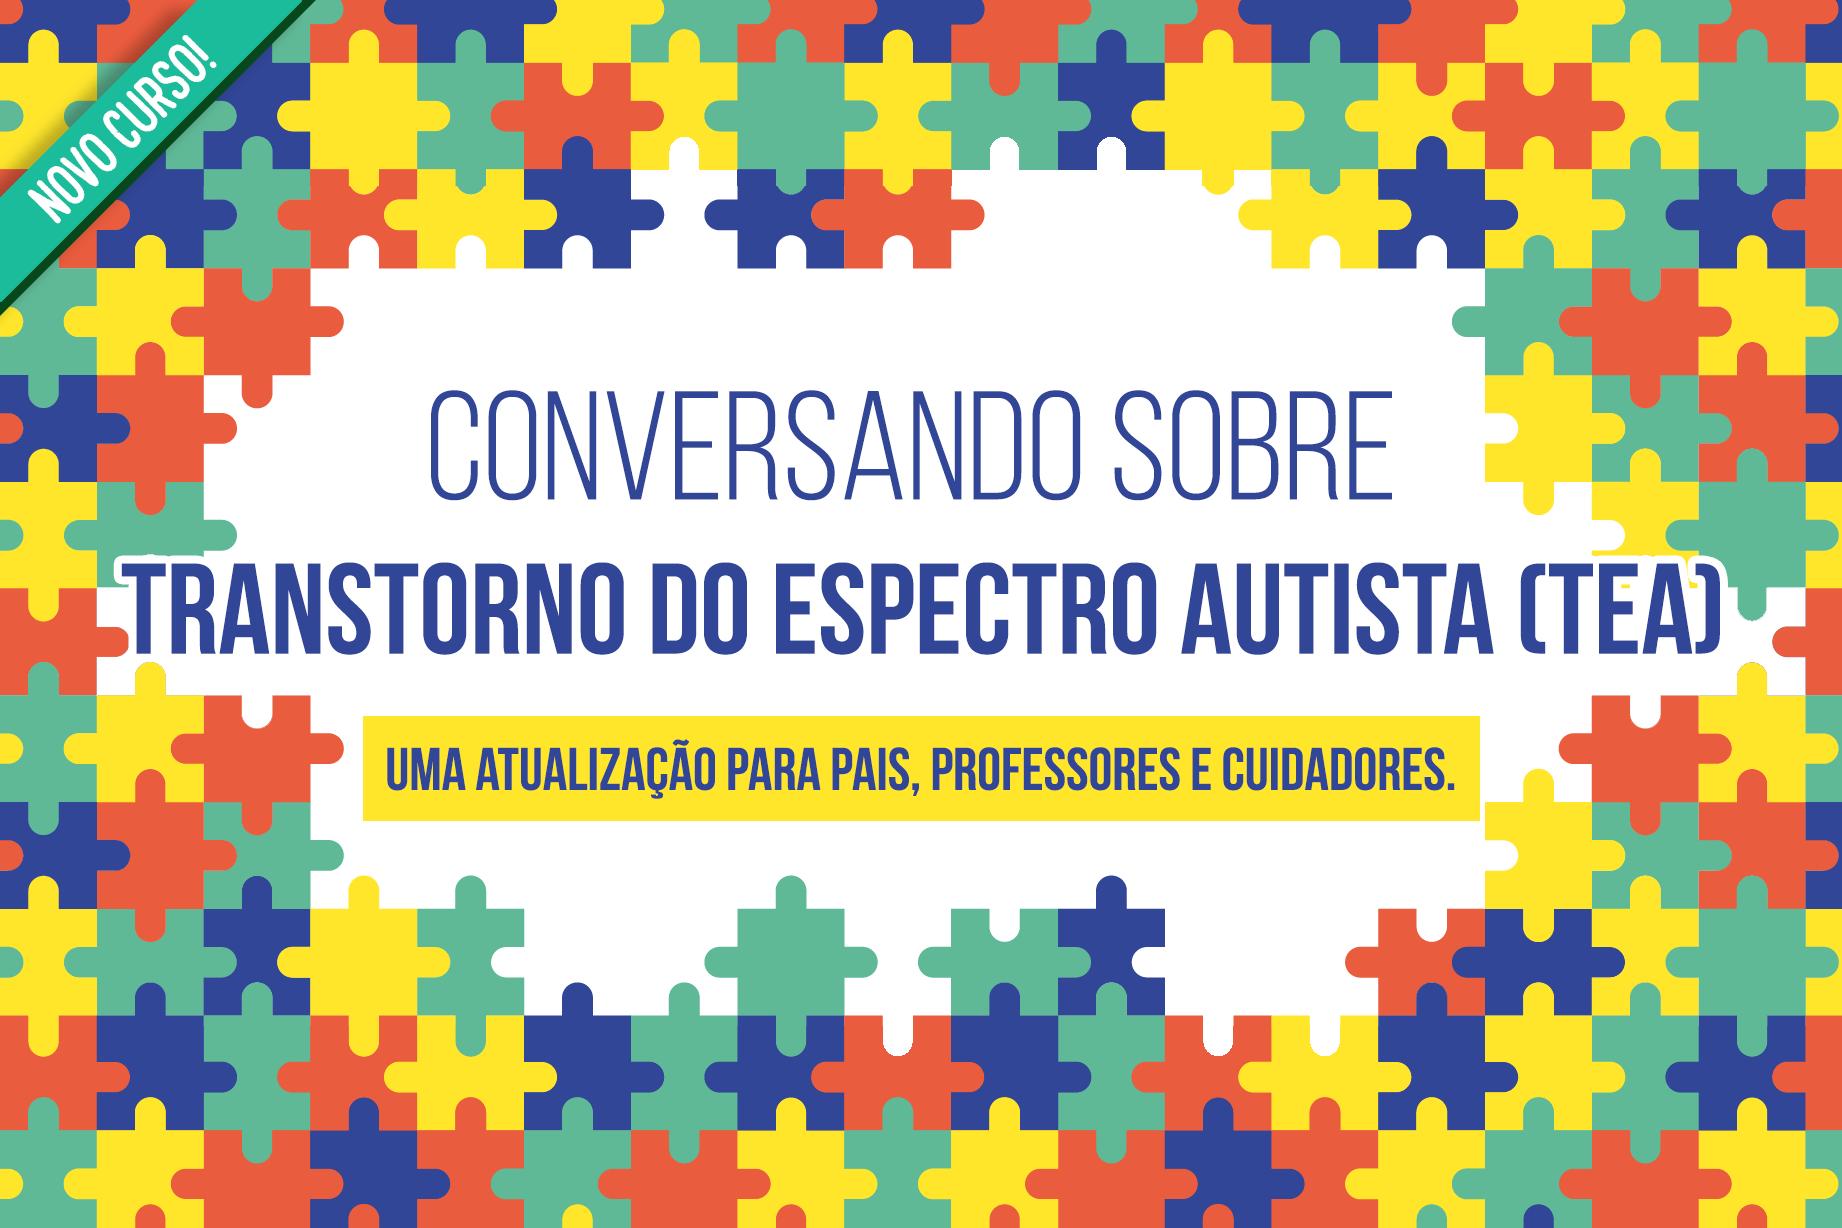 Conversando sobre Transtorno do Espectro Autista (TEA): uma atualização para pais, professores e cuidadores.